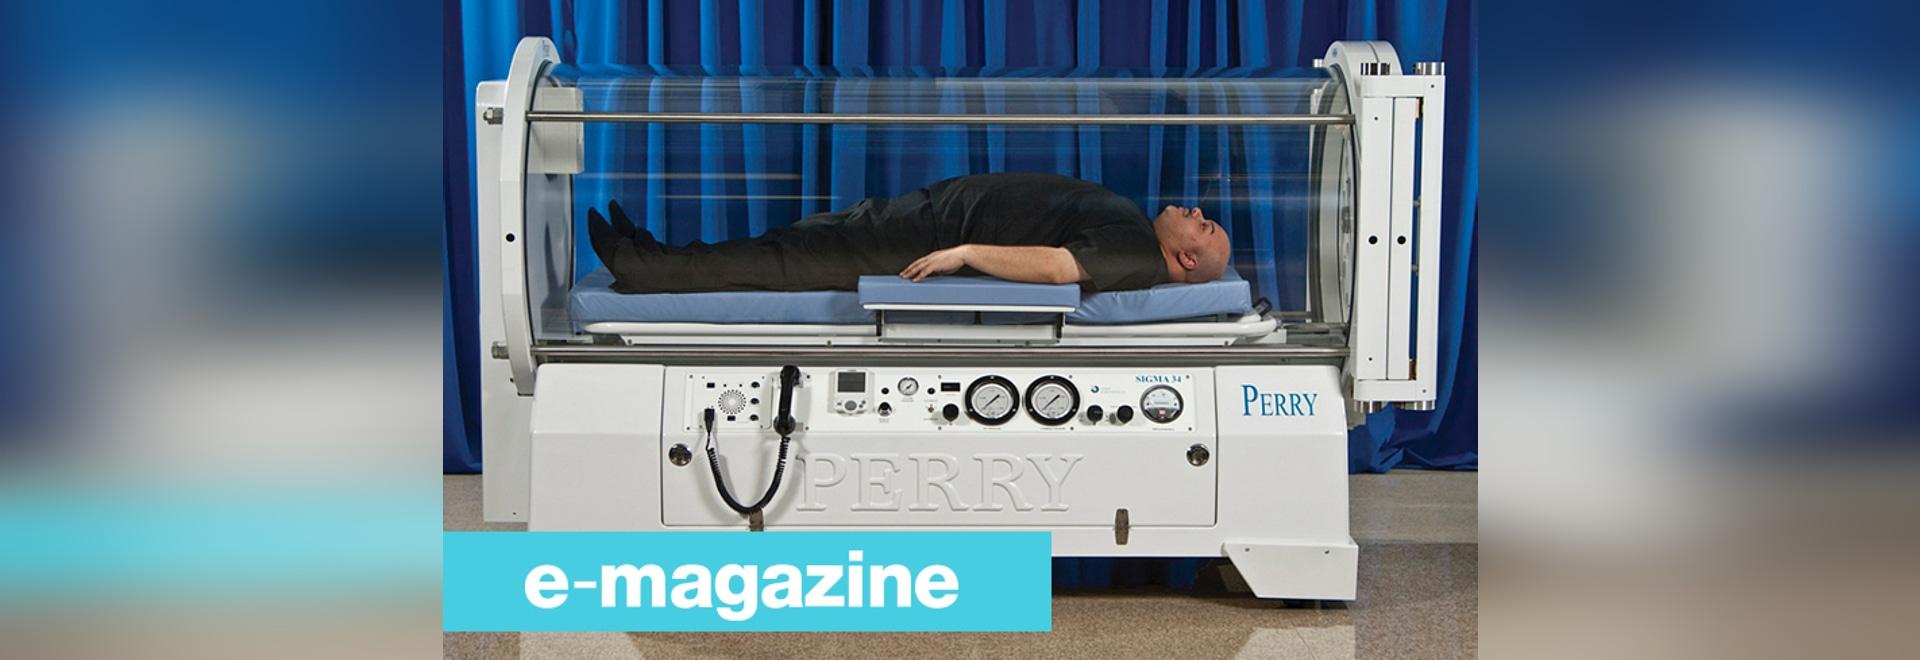 Una camera iperbarica per i pazienti fino a 320 chilogrammi